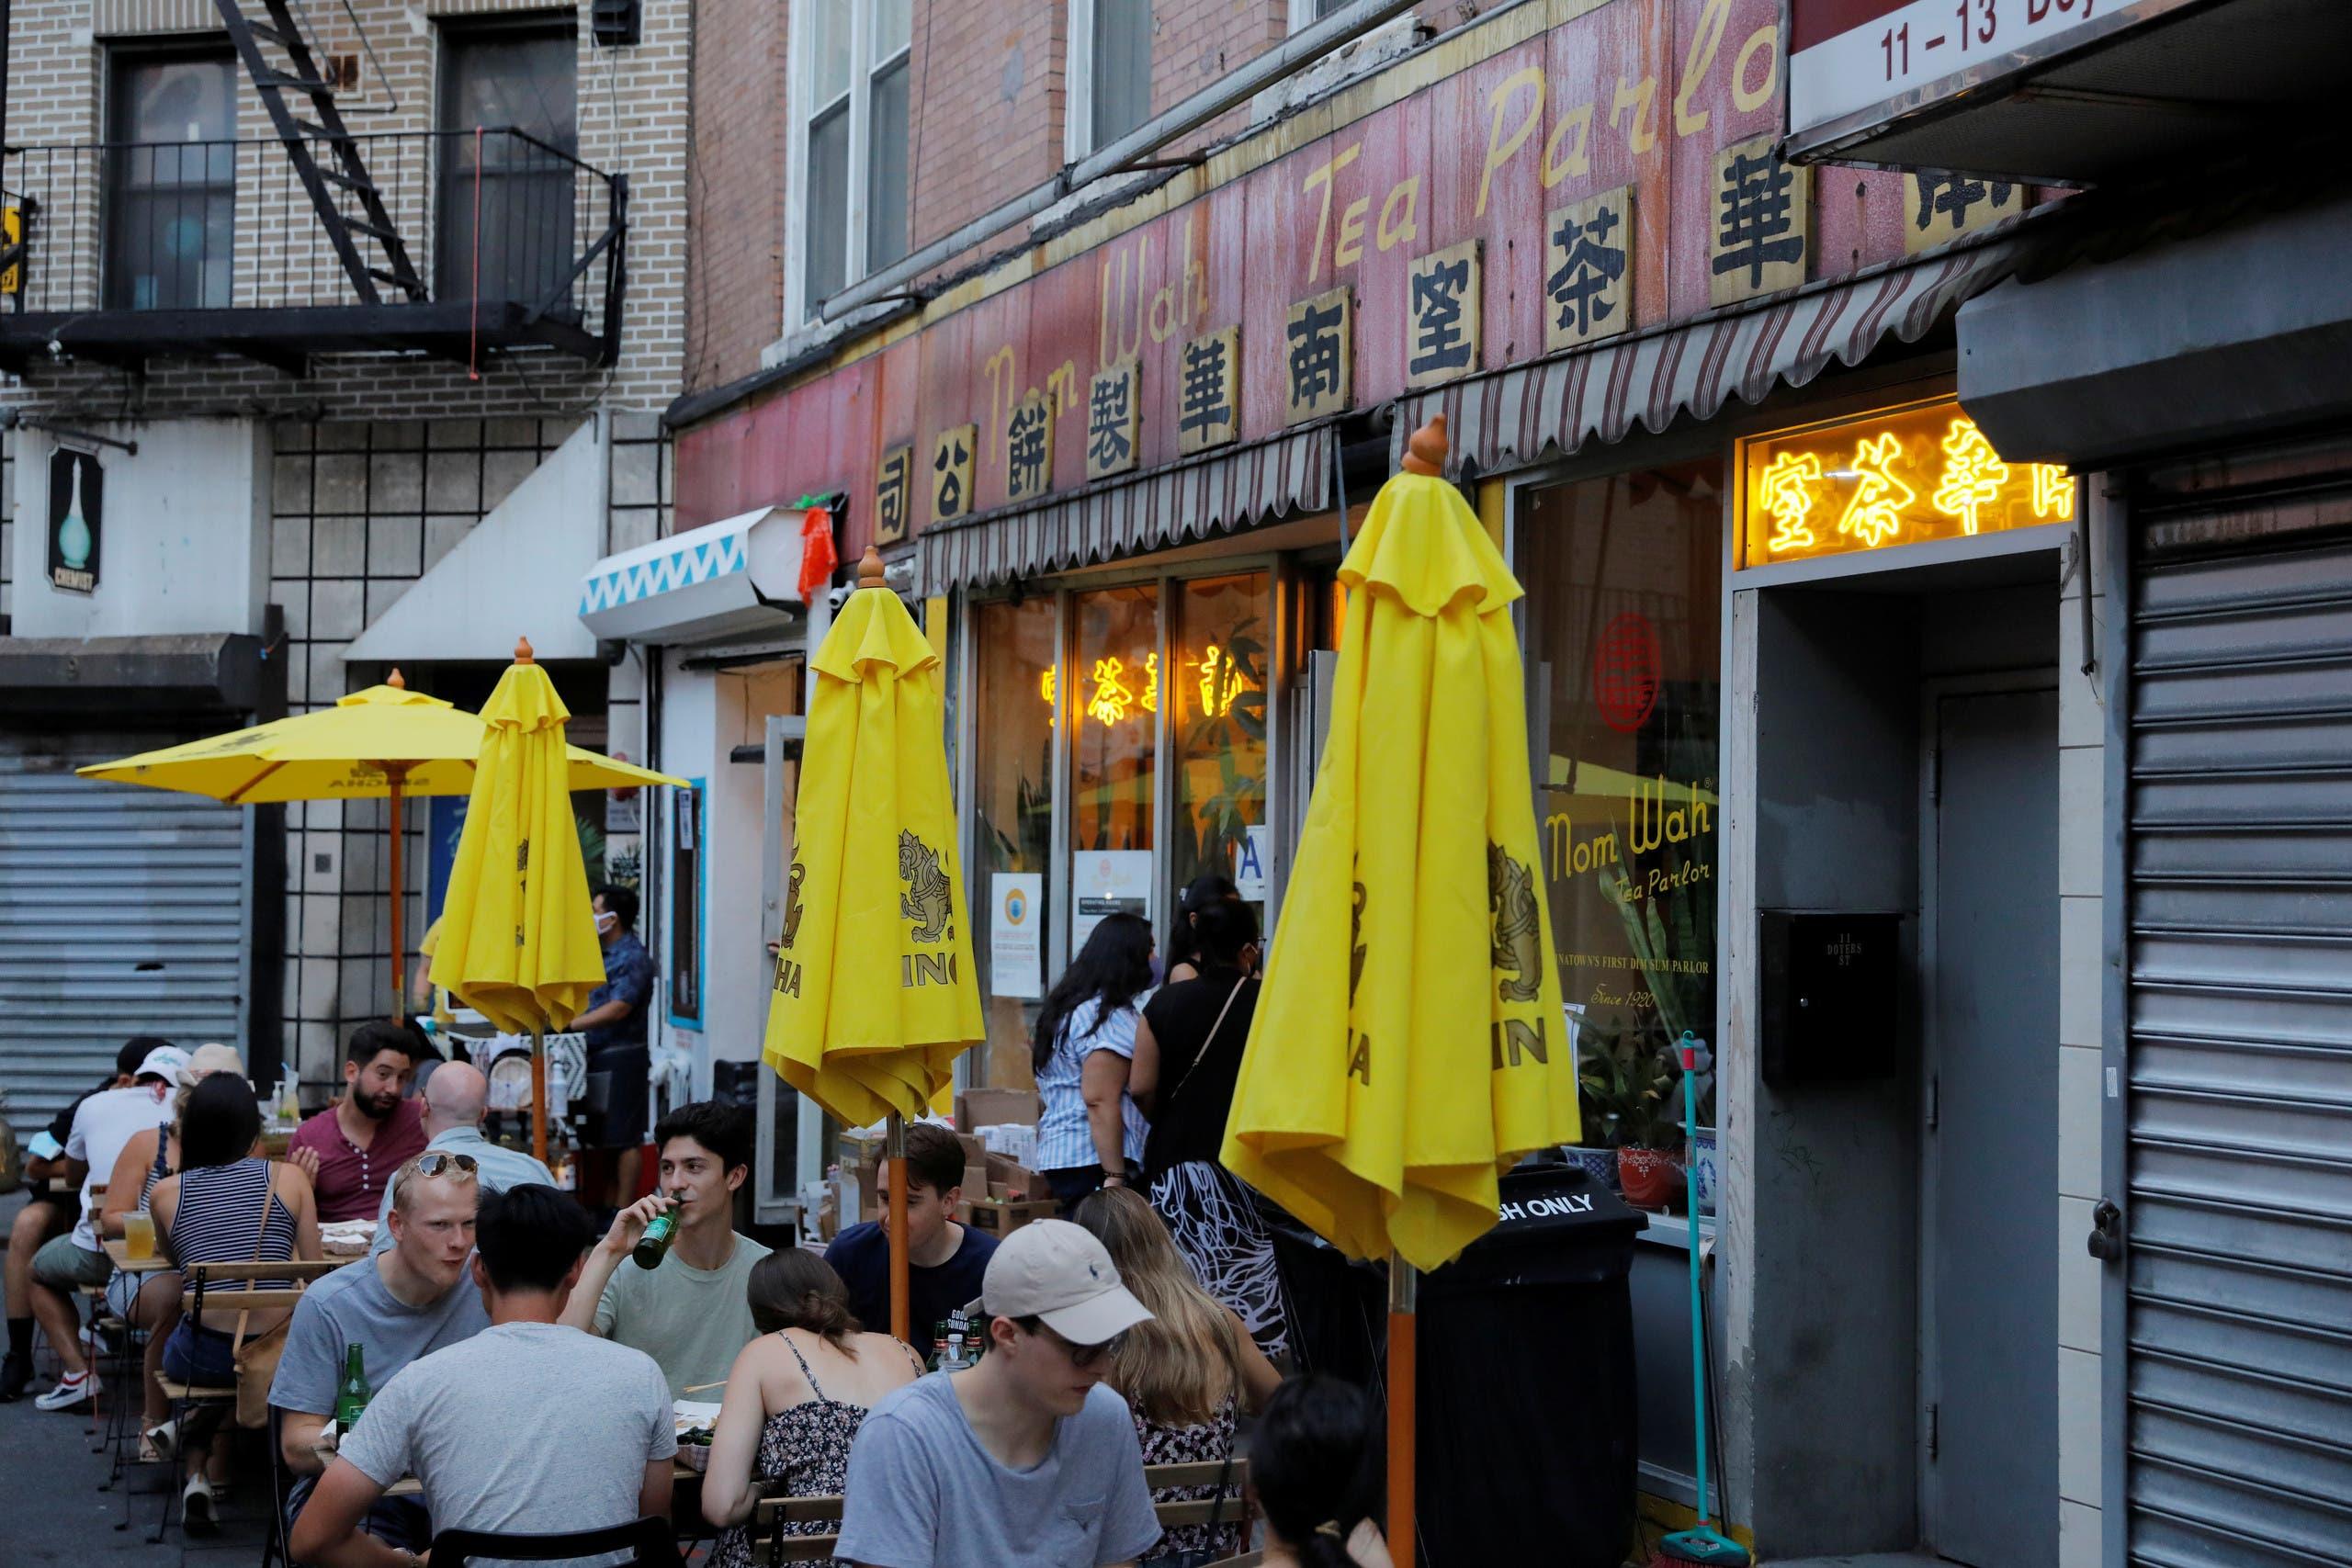 رواد أحد مطاعم نيويورك لا يرتدون الكمامات